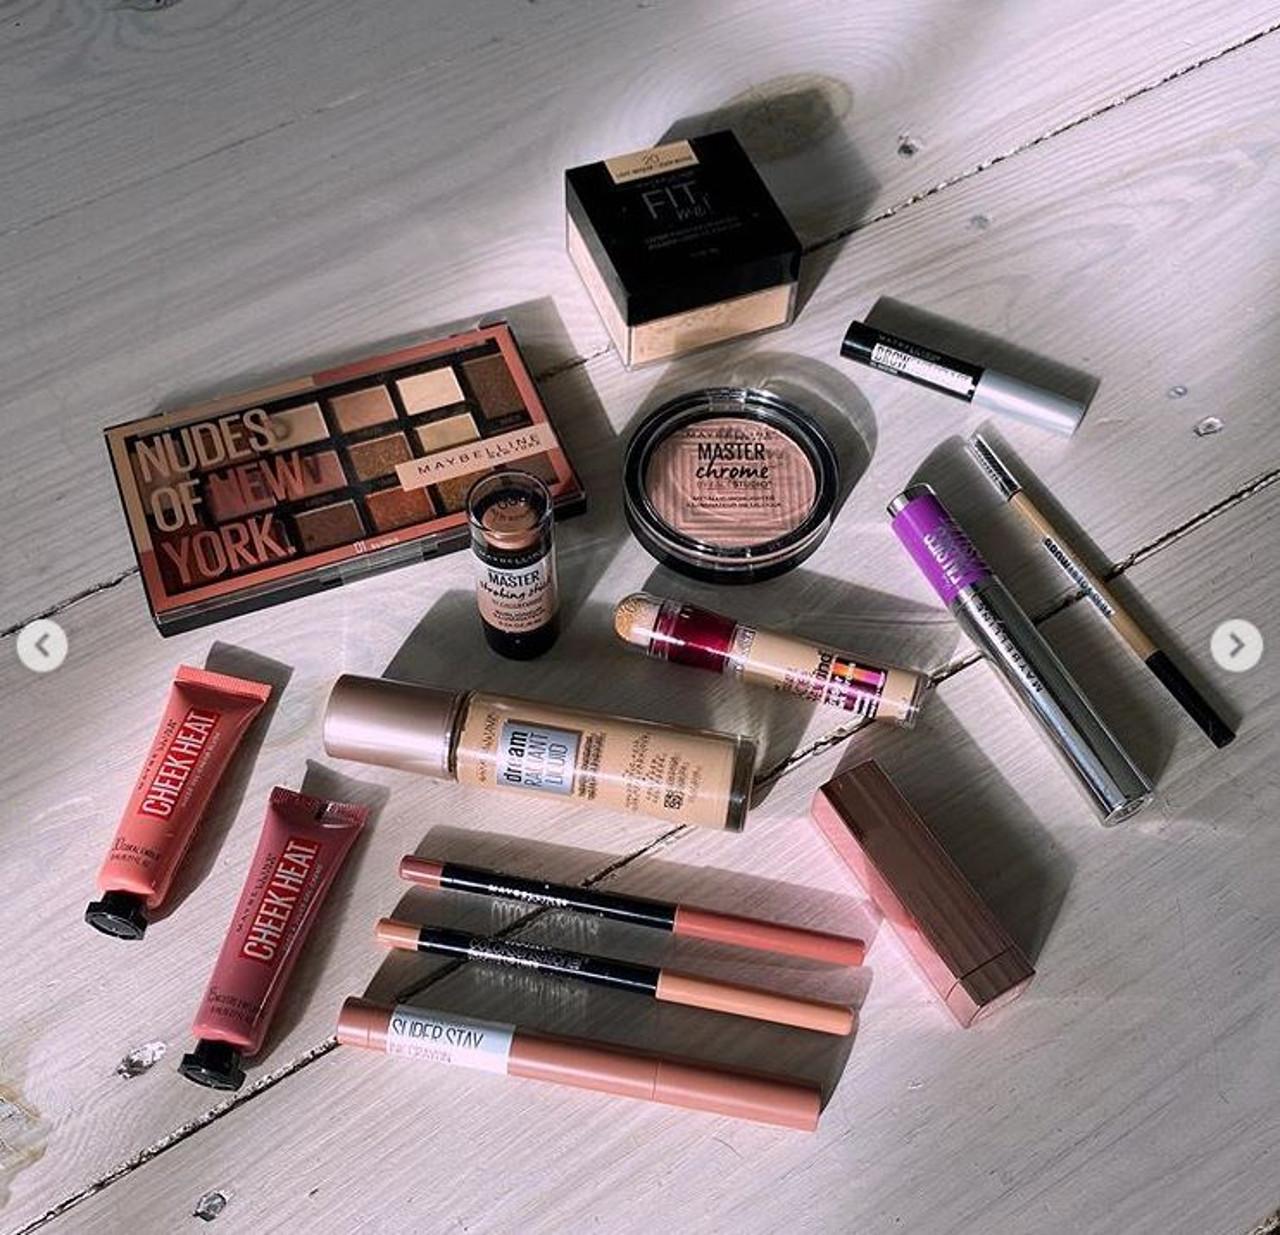 Kosmetyki Gigi Hadid, którymi zrobiła rozświetlający makijaż.